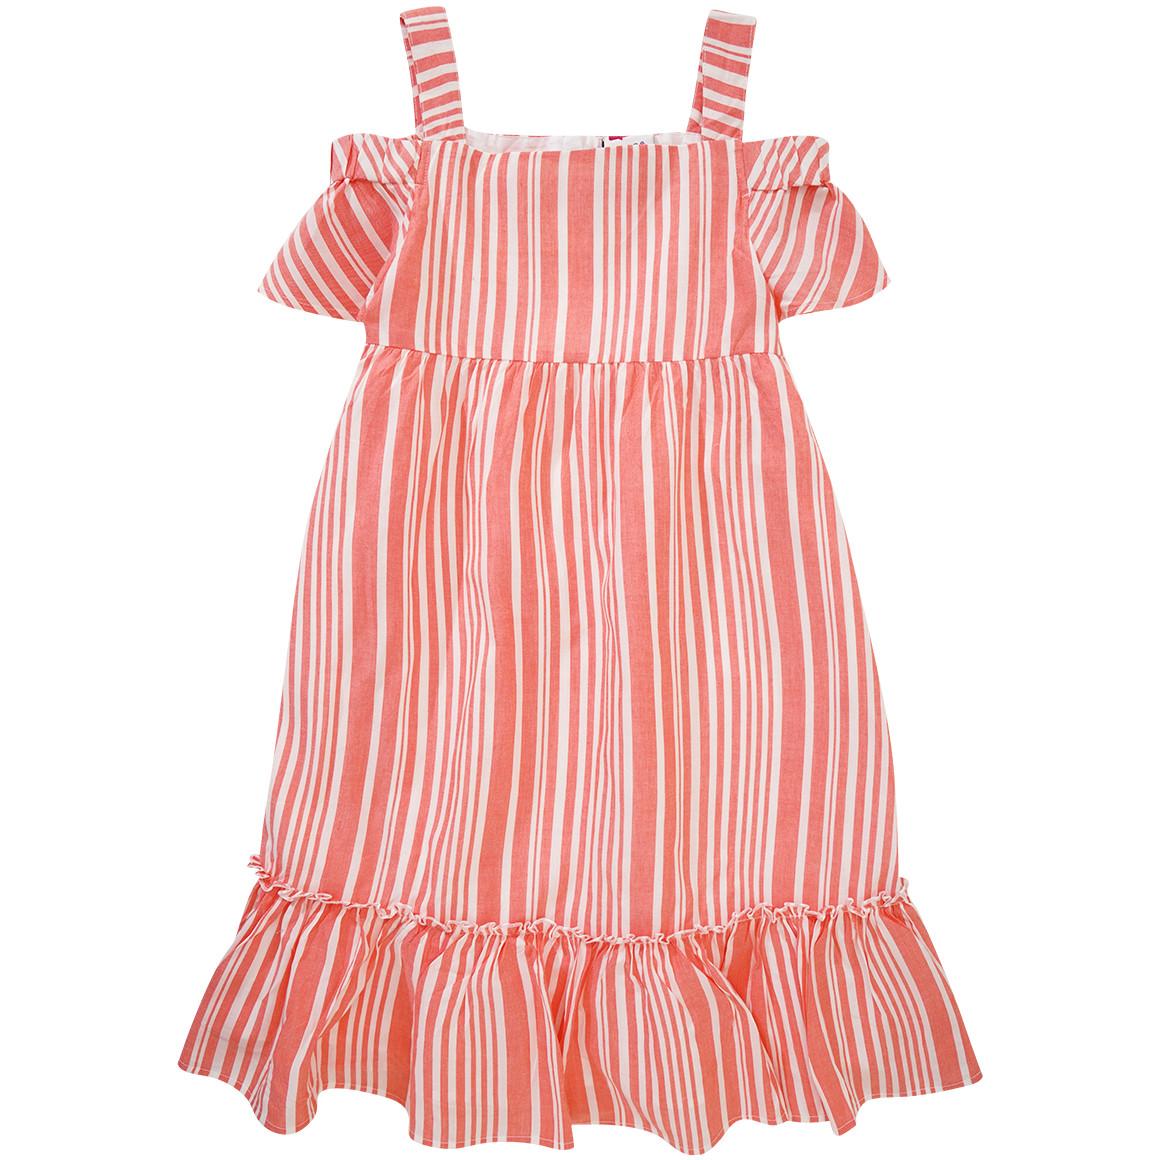 Mädchen Kleid mit Streifenmuster